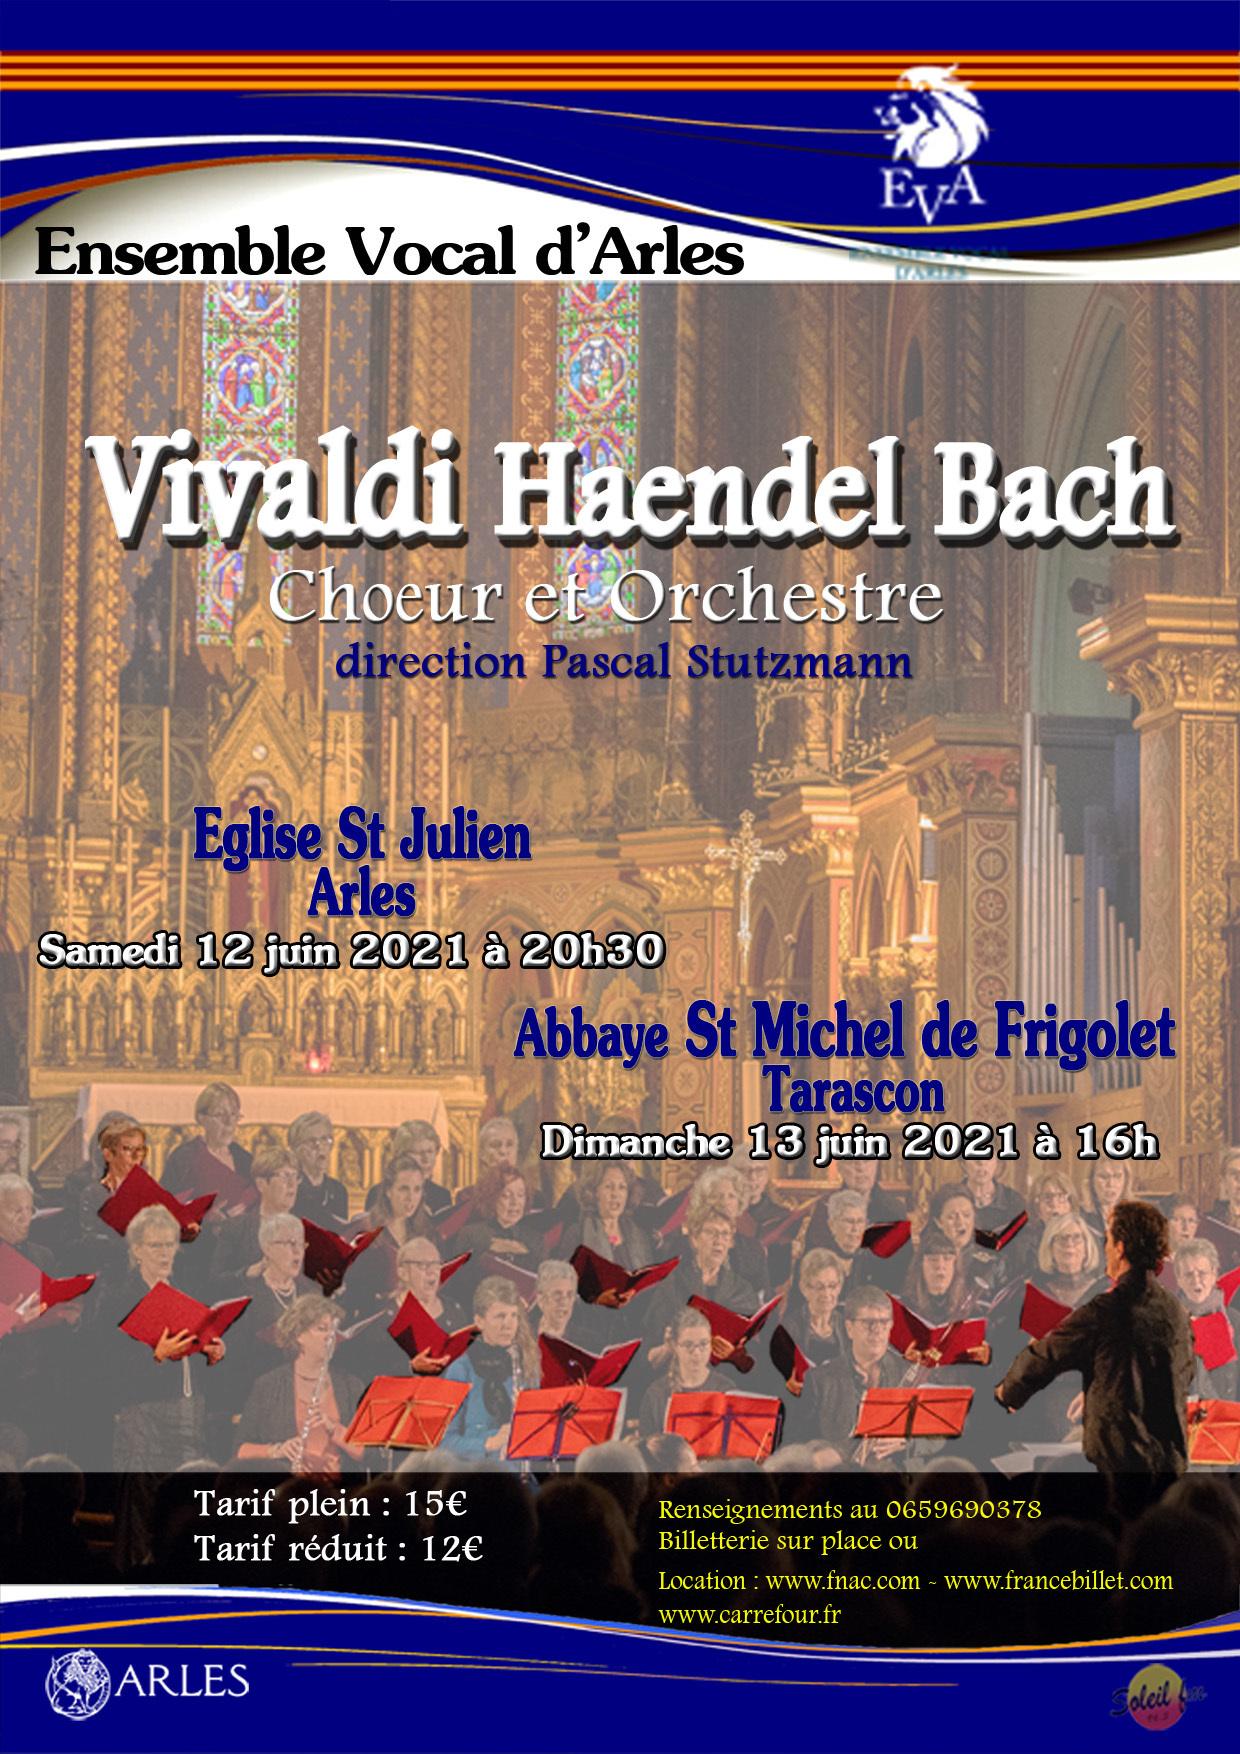 L'Ensemble vocal d'Arles accompagné de neuf musiciens sous la direction de Pascal Stutzmann.